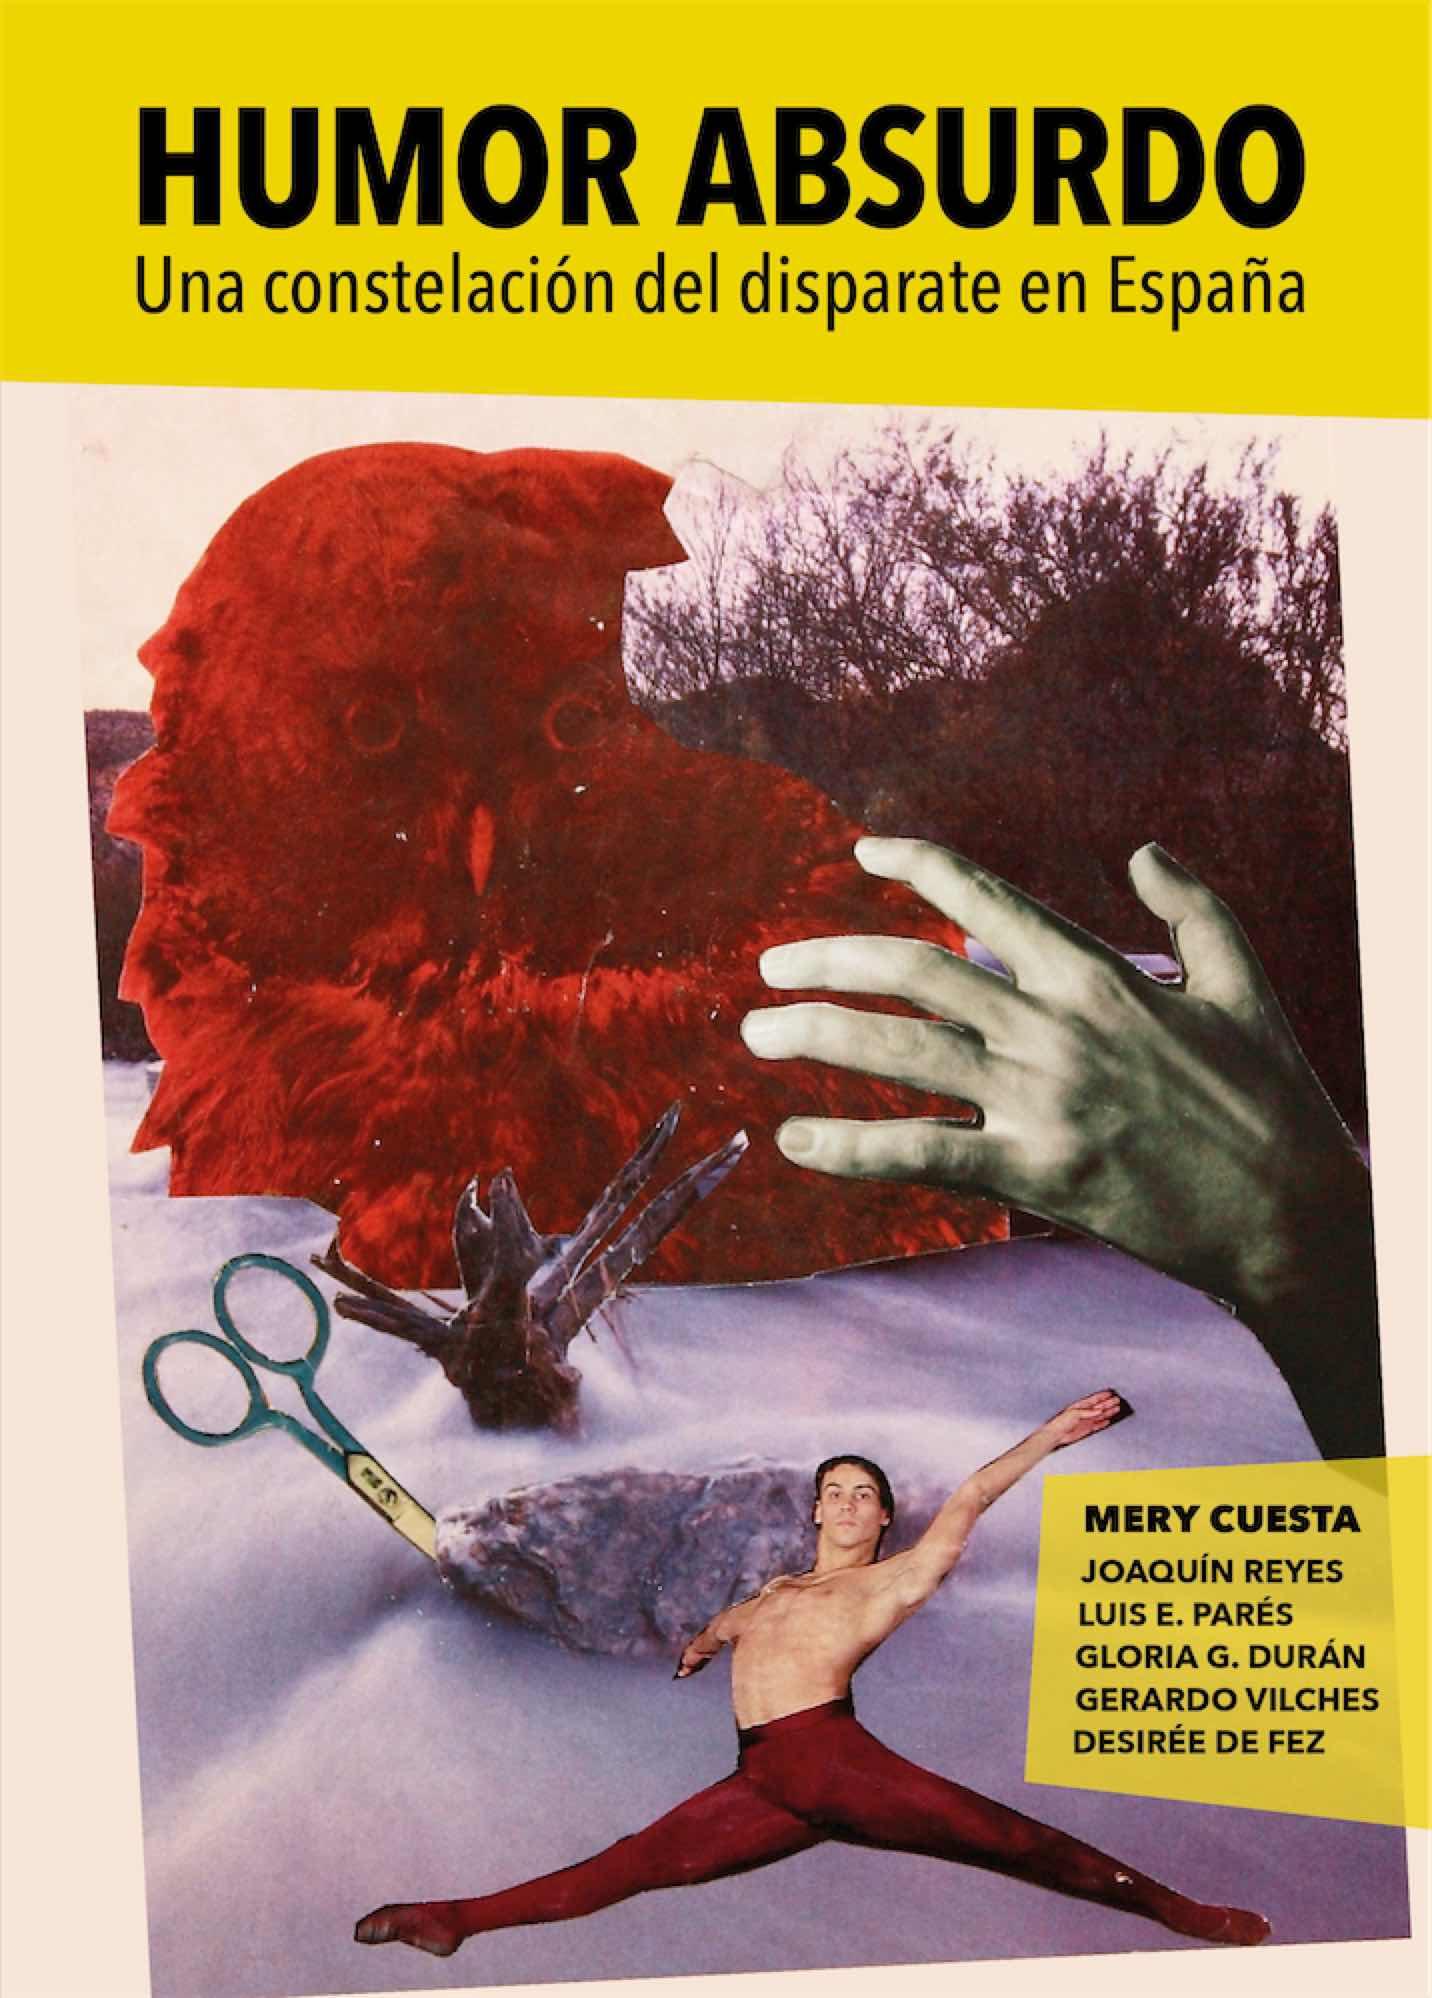 HUMOR ABSURDO. UNA CONSTELACION DEL DISPARATE EN ESPAÑA